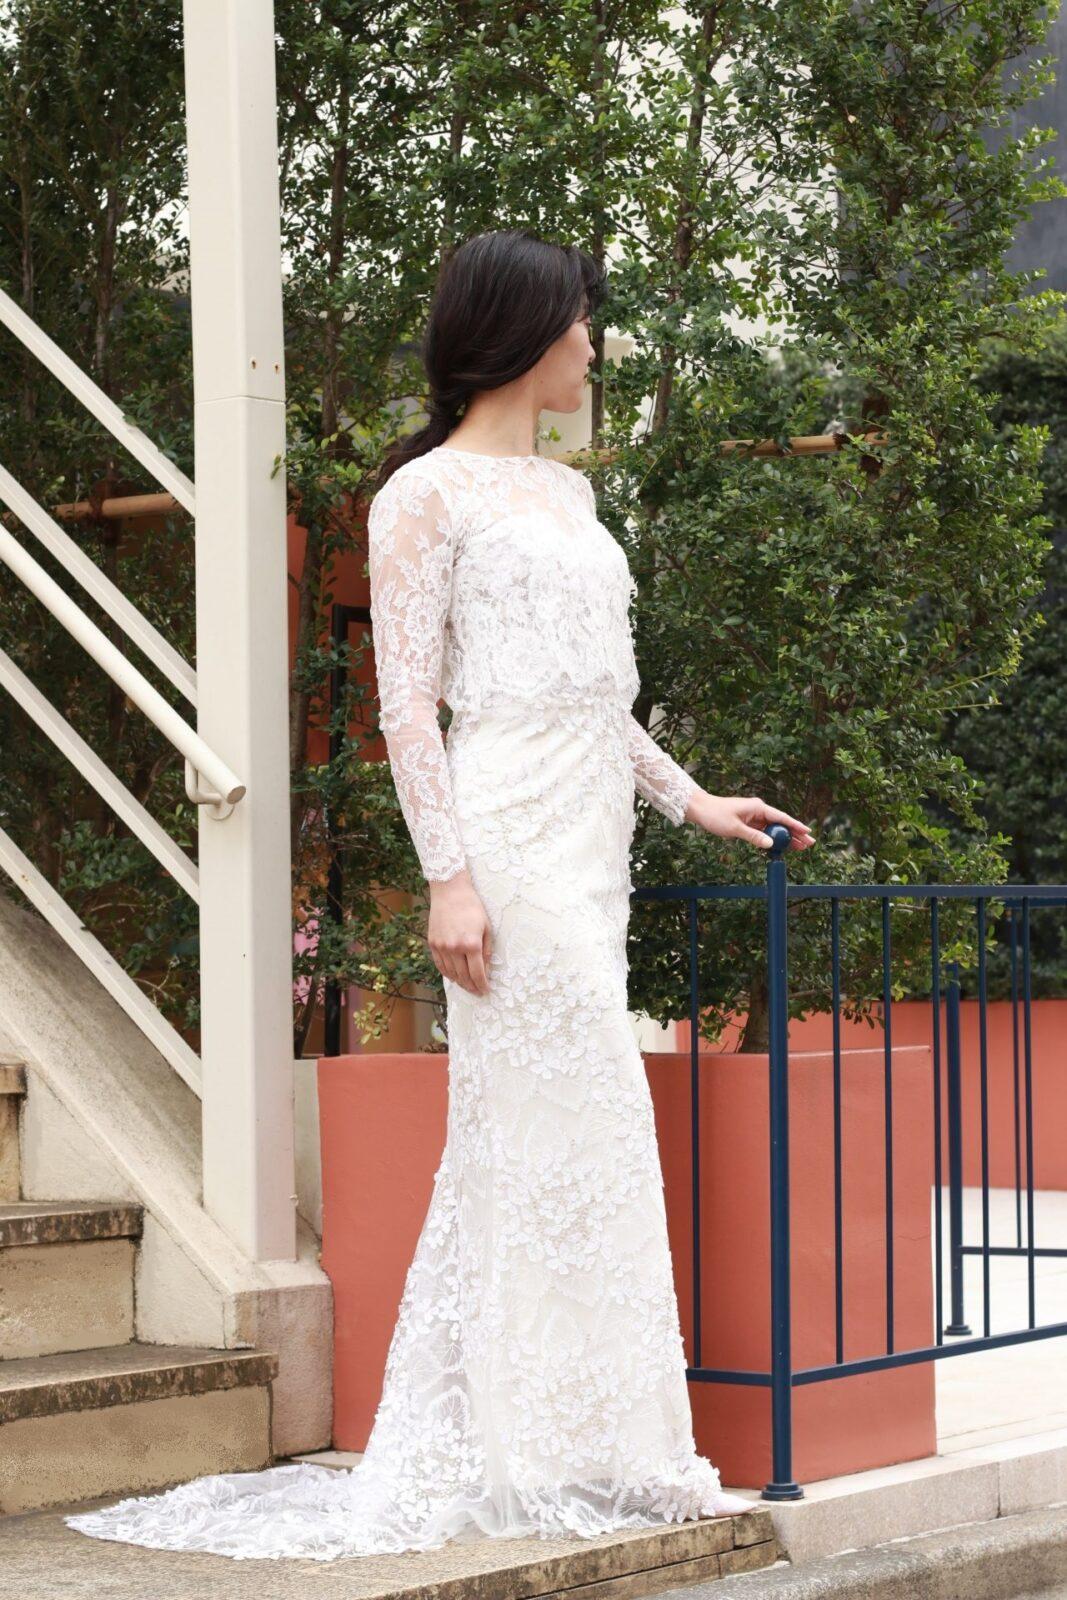 クラシックな雰囲気のトリートメゾンのオリジナルボレロとエリザベスフィルモアのウェディングドレスを合わせたコーディネート。